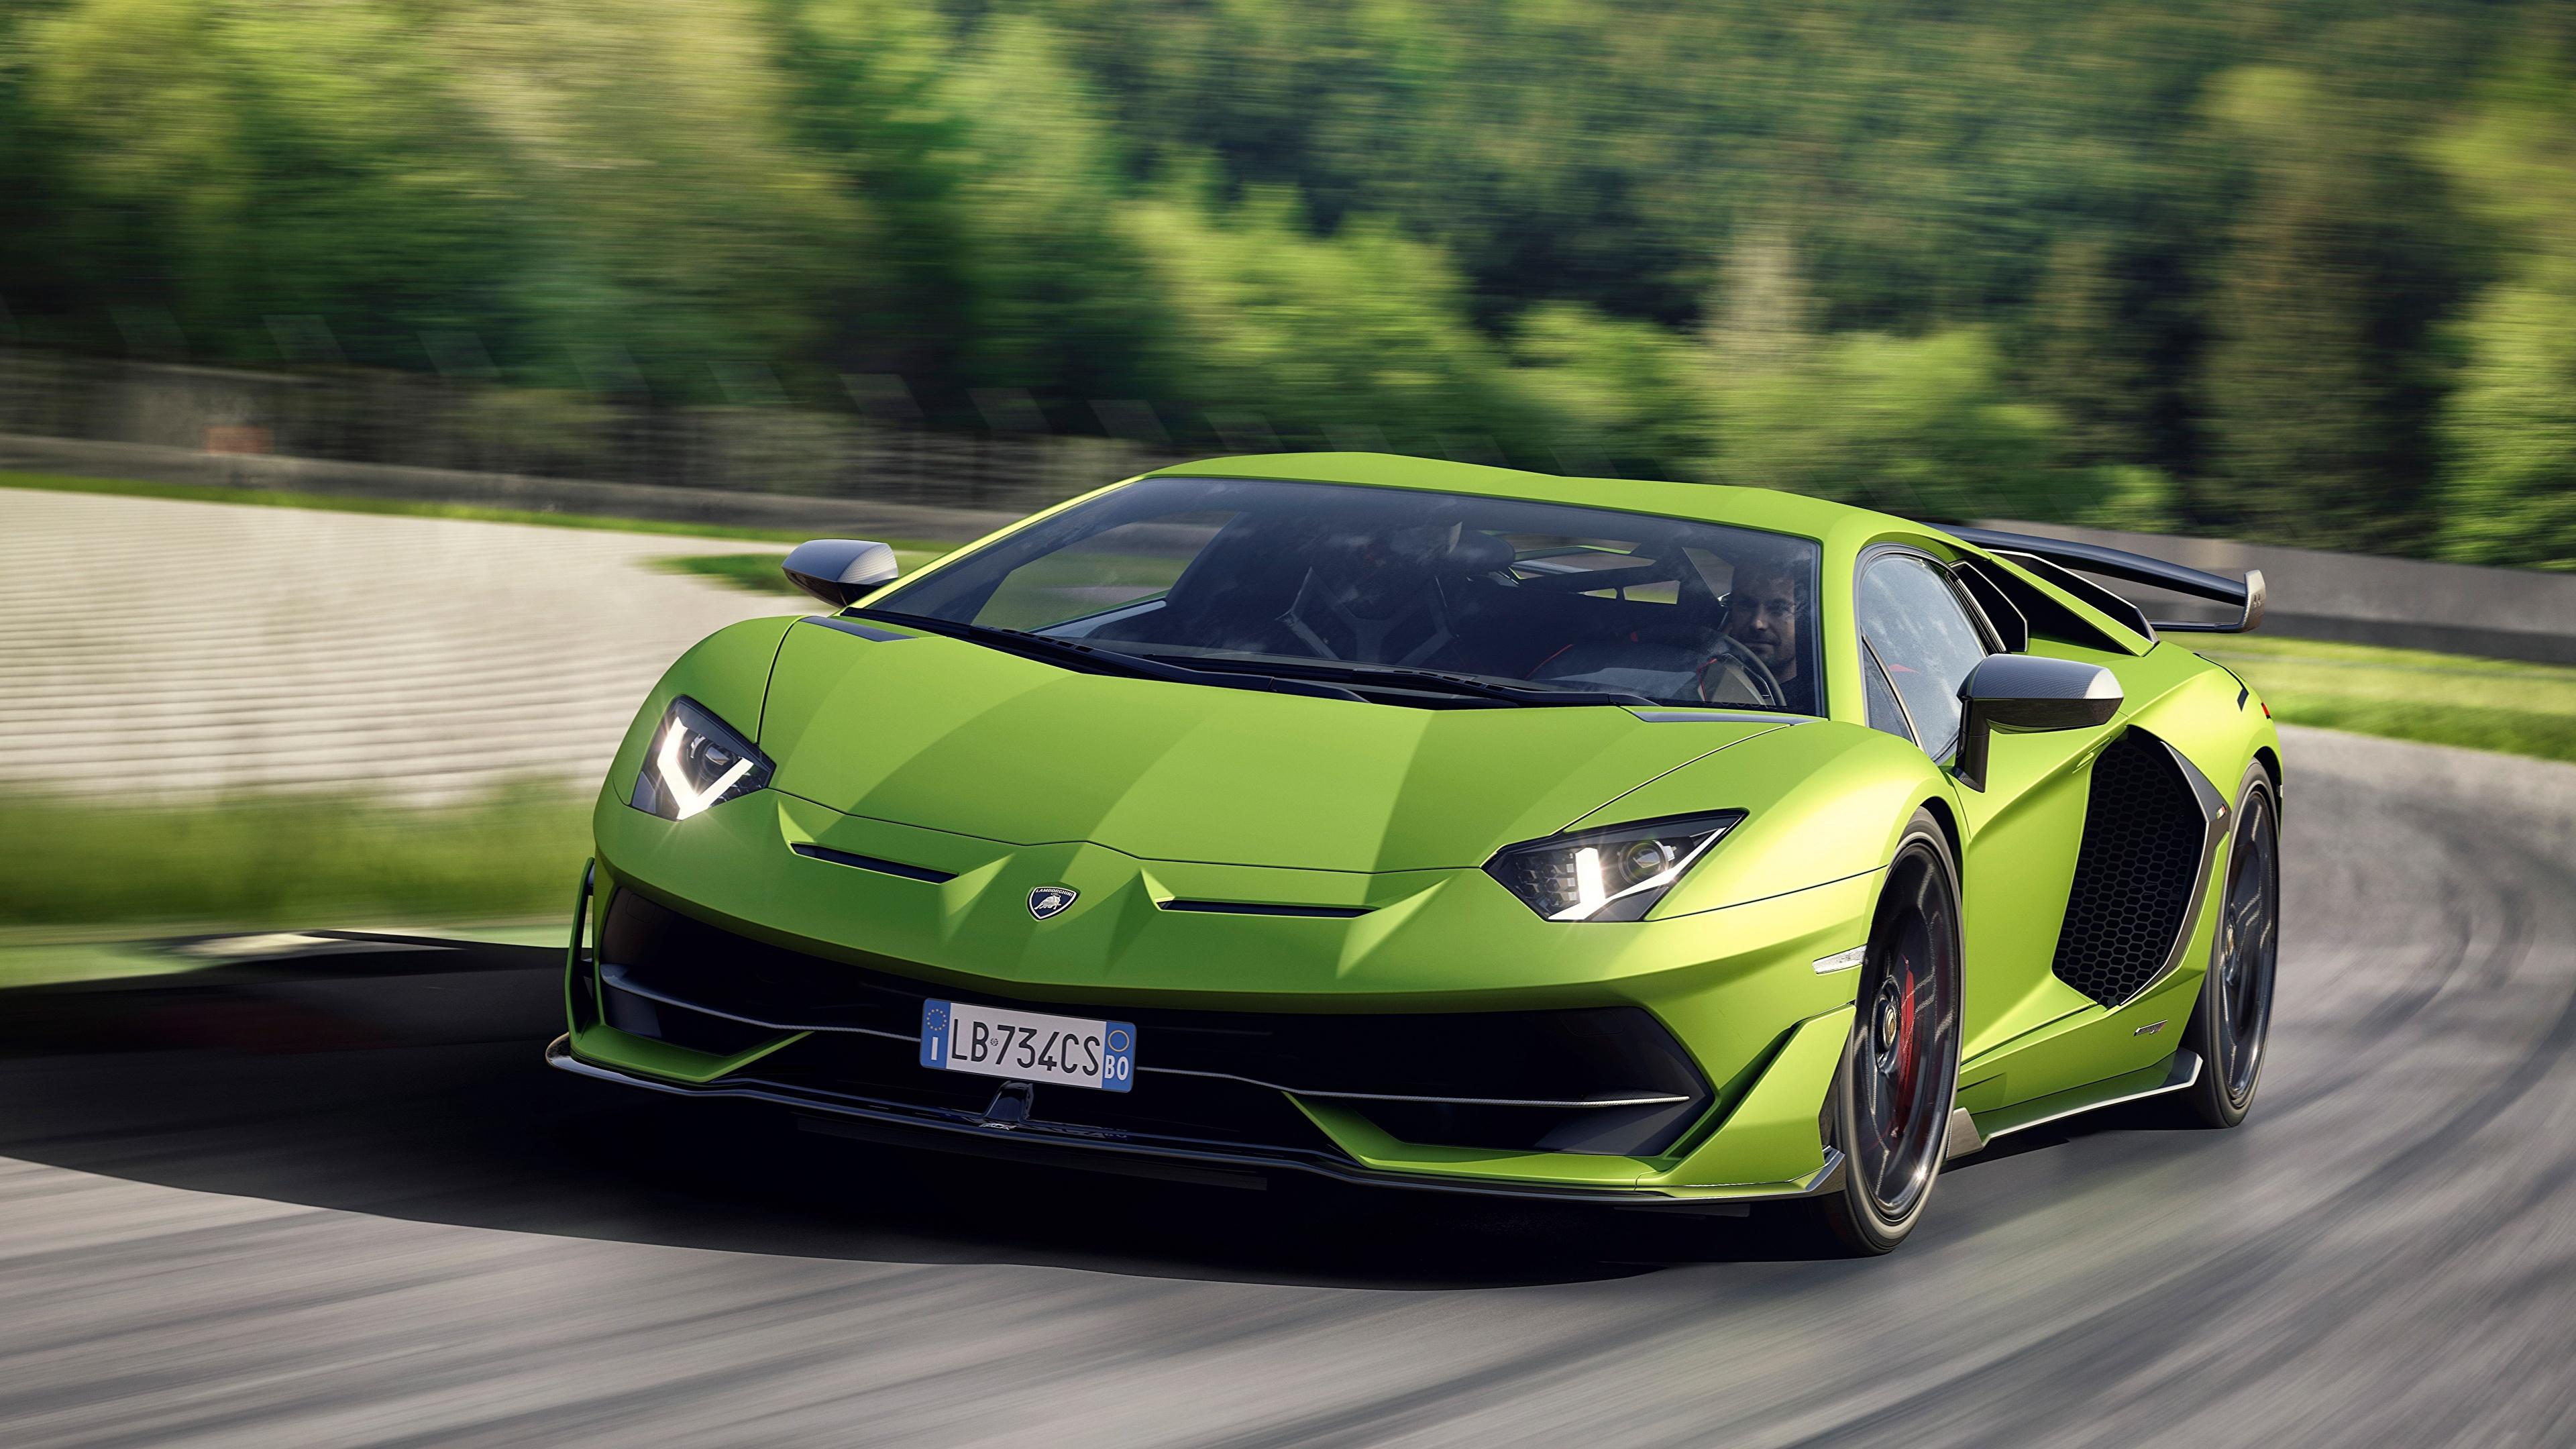 Фотография Lamborghini Размытый фон зеленые Движение Спереди Автомобили 3840x2160 Ламборгини боке зеленая Зеленый зеленых едет едущий едущая скорость авто машины машина автомобиль